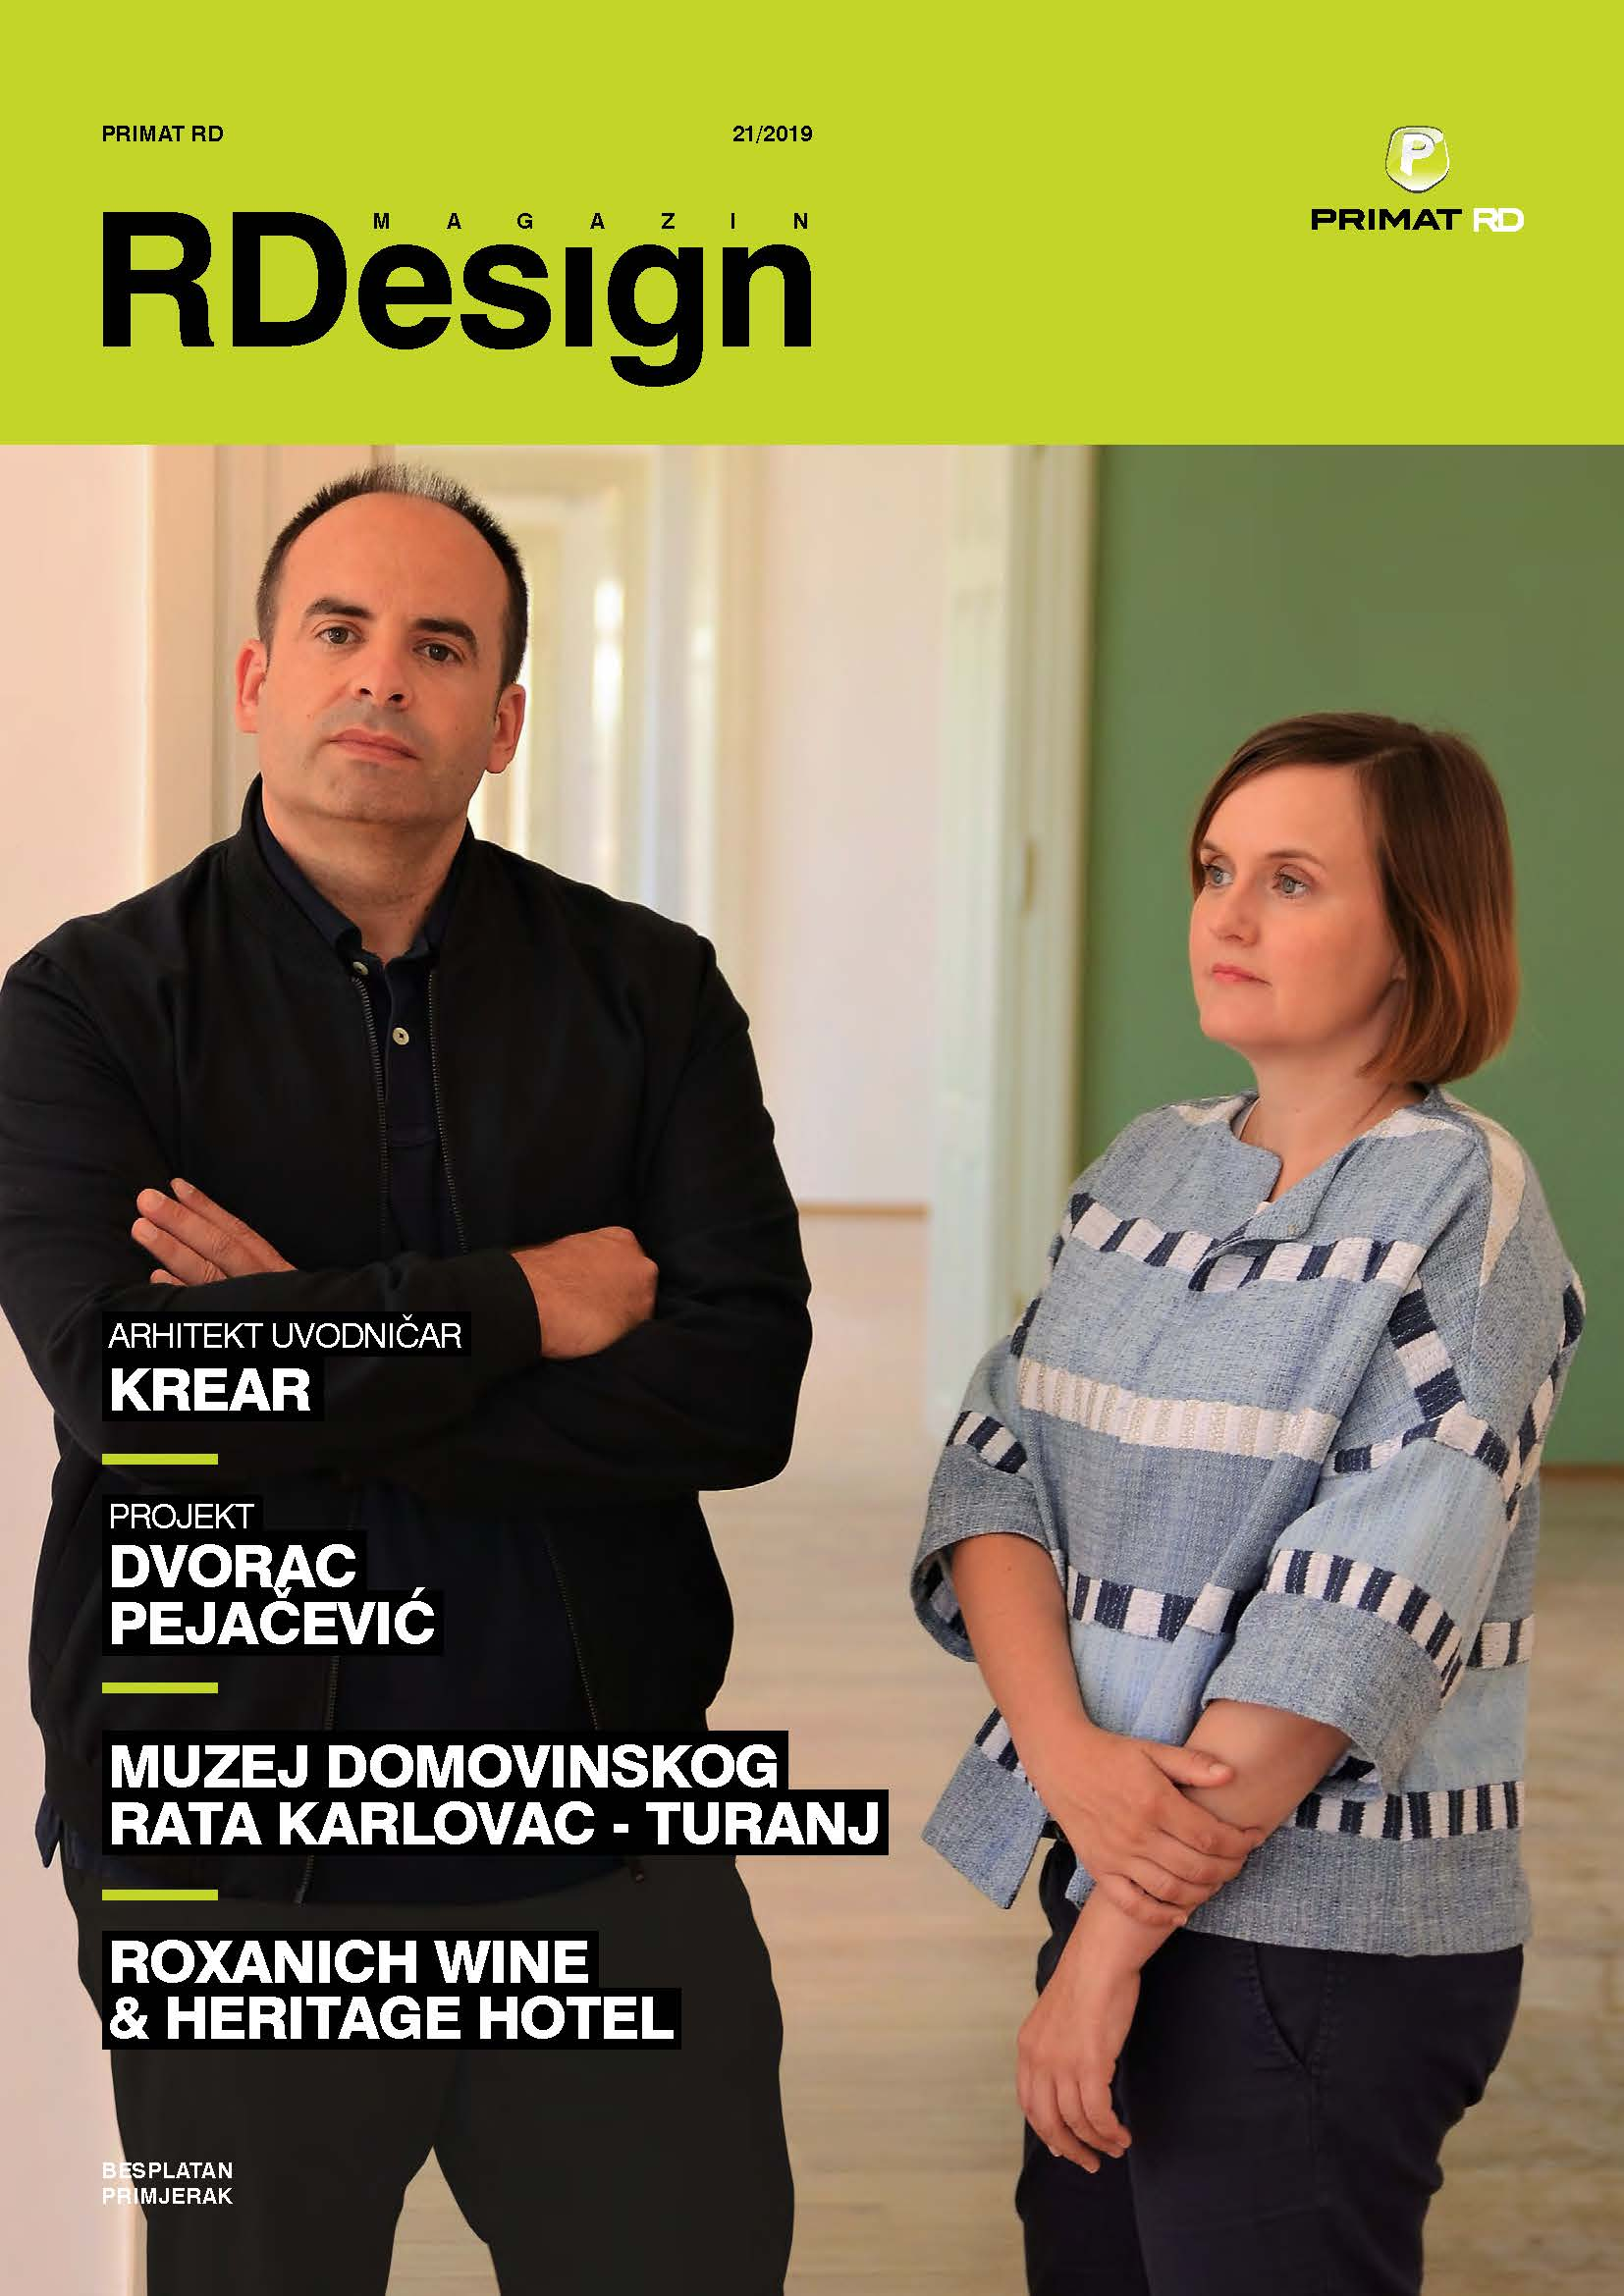 Arhitekt uvodničar u RDesign magazinu